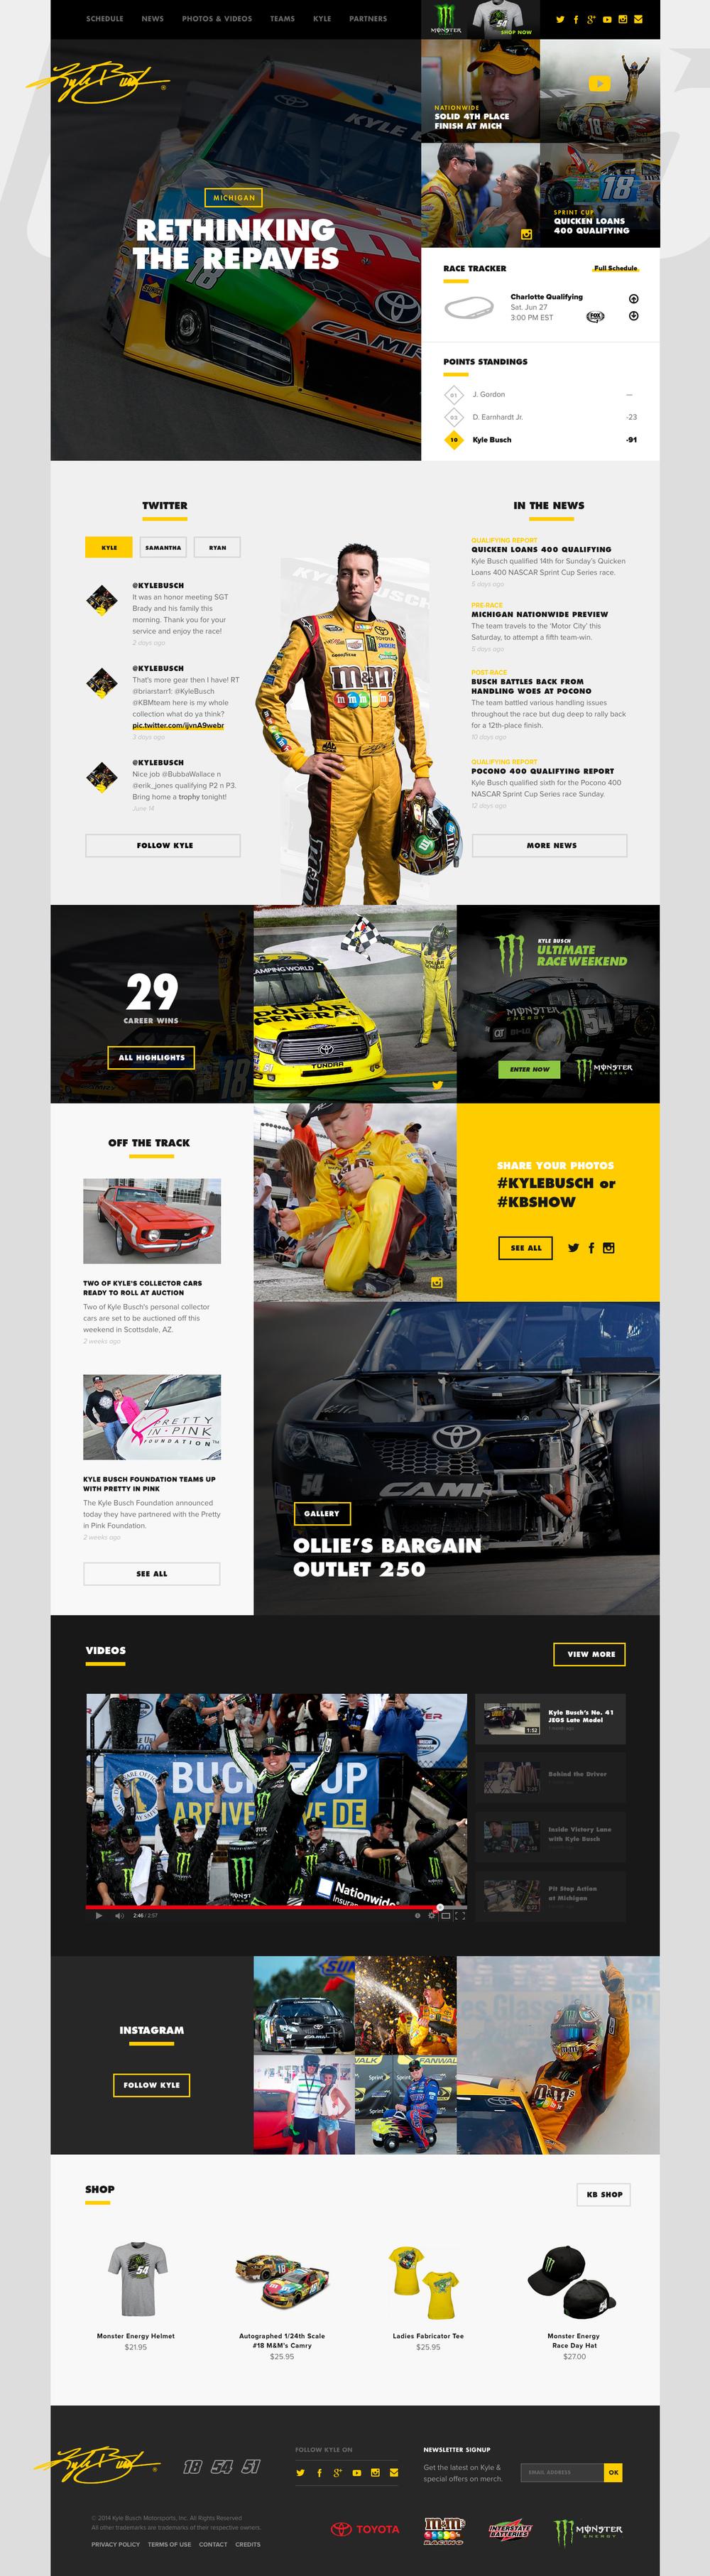 1.1-KB-Homepage.jpg